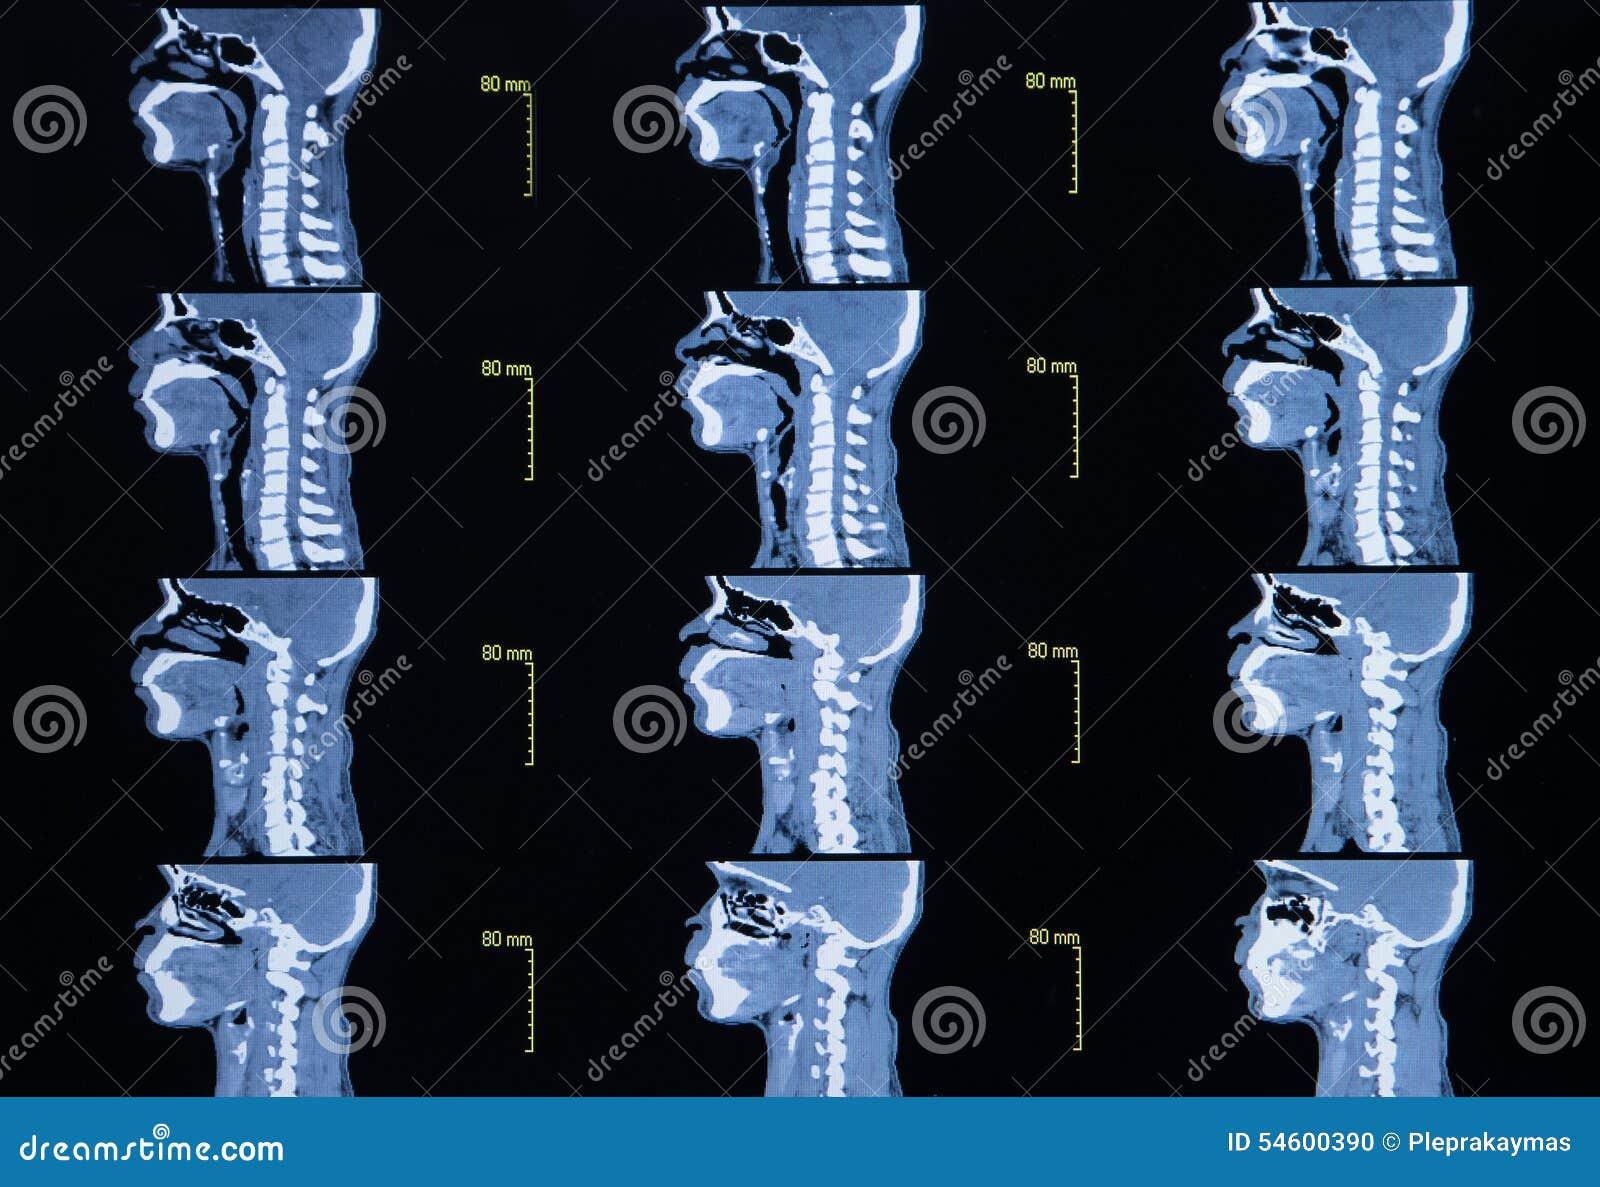 reihe bilder von einer computergesteuerten tomographie des halses stockfoto bild von krankheit. Black Bedroom Furniture Sets. Home Design Ideas